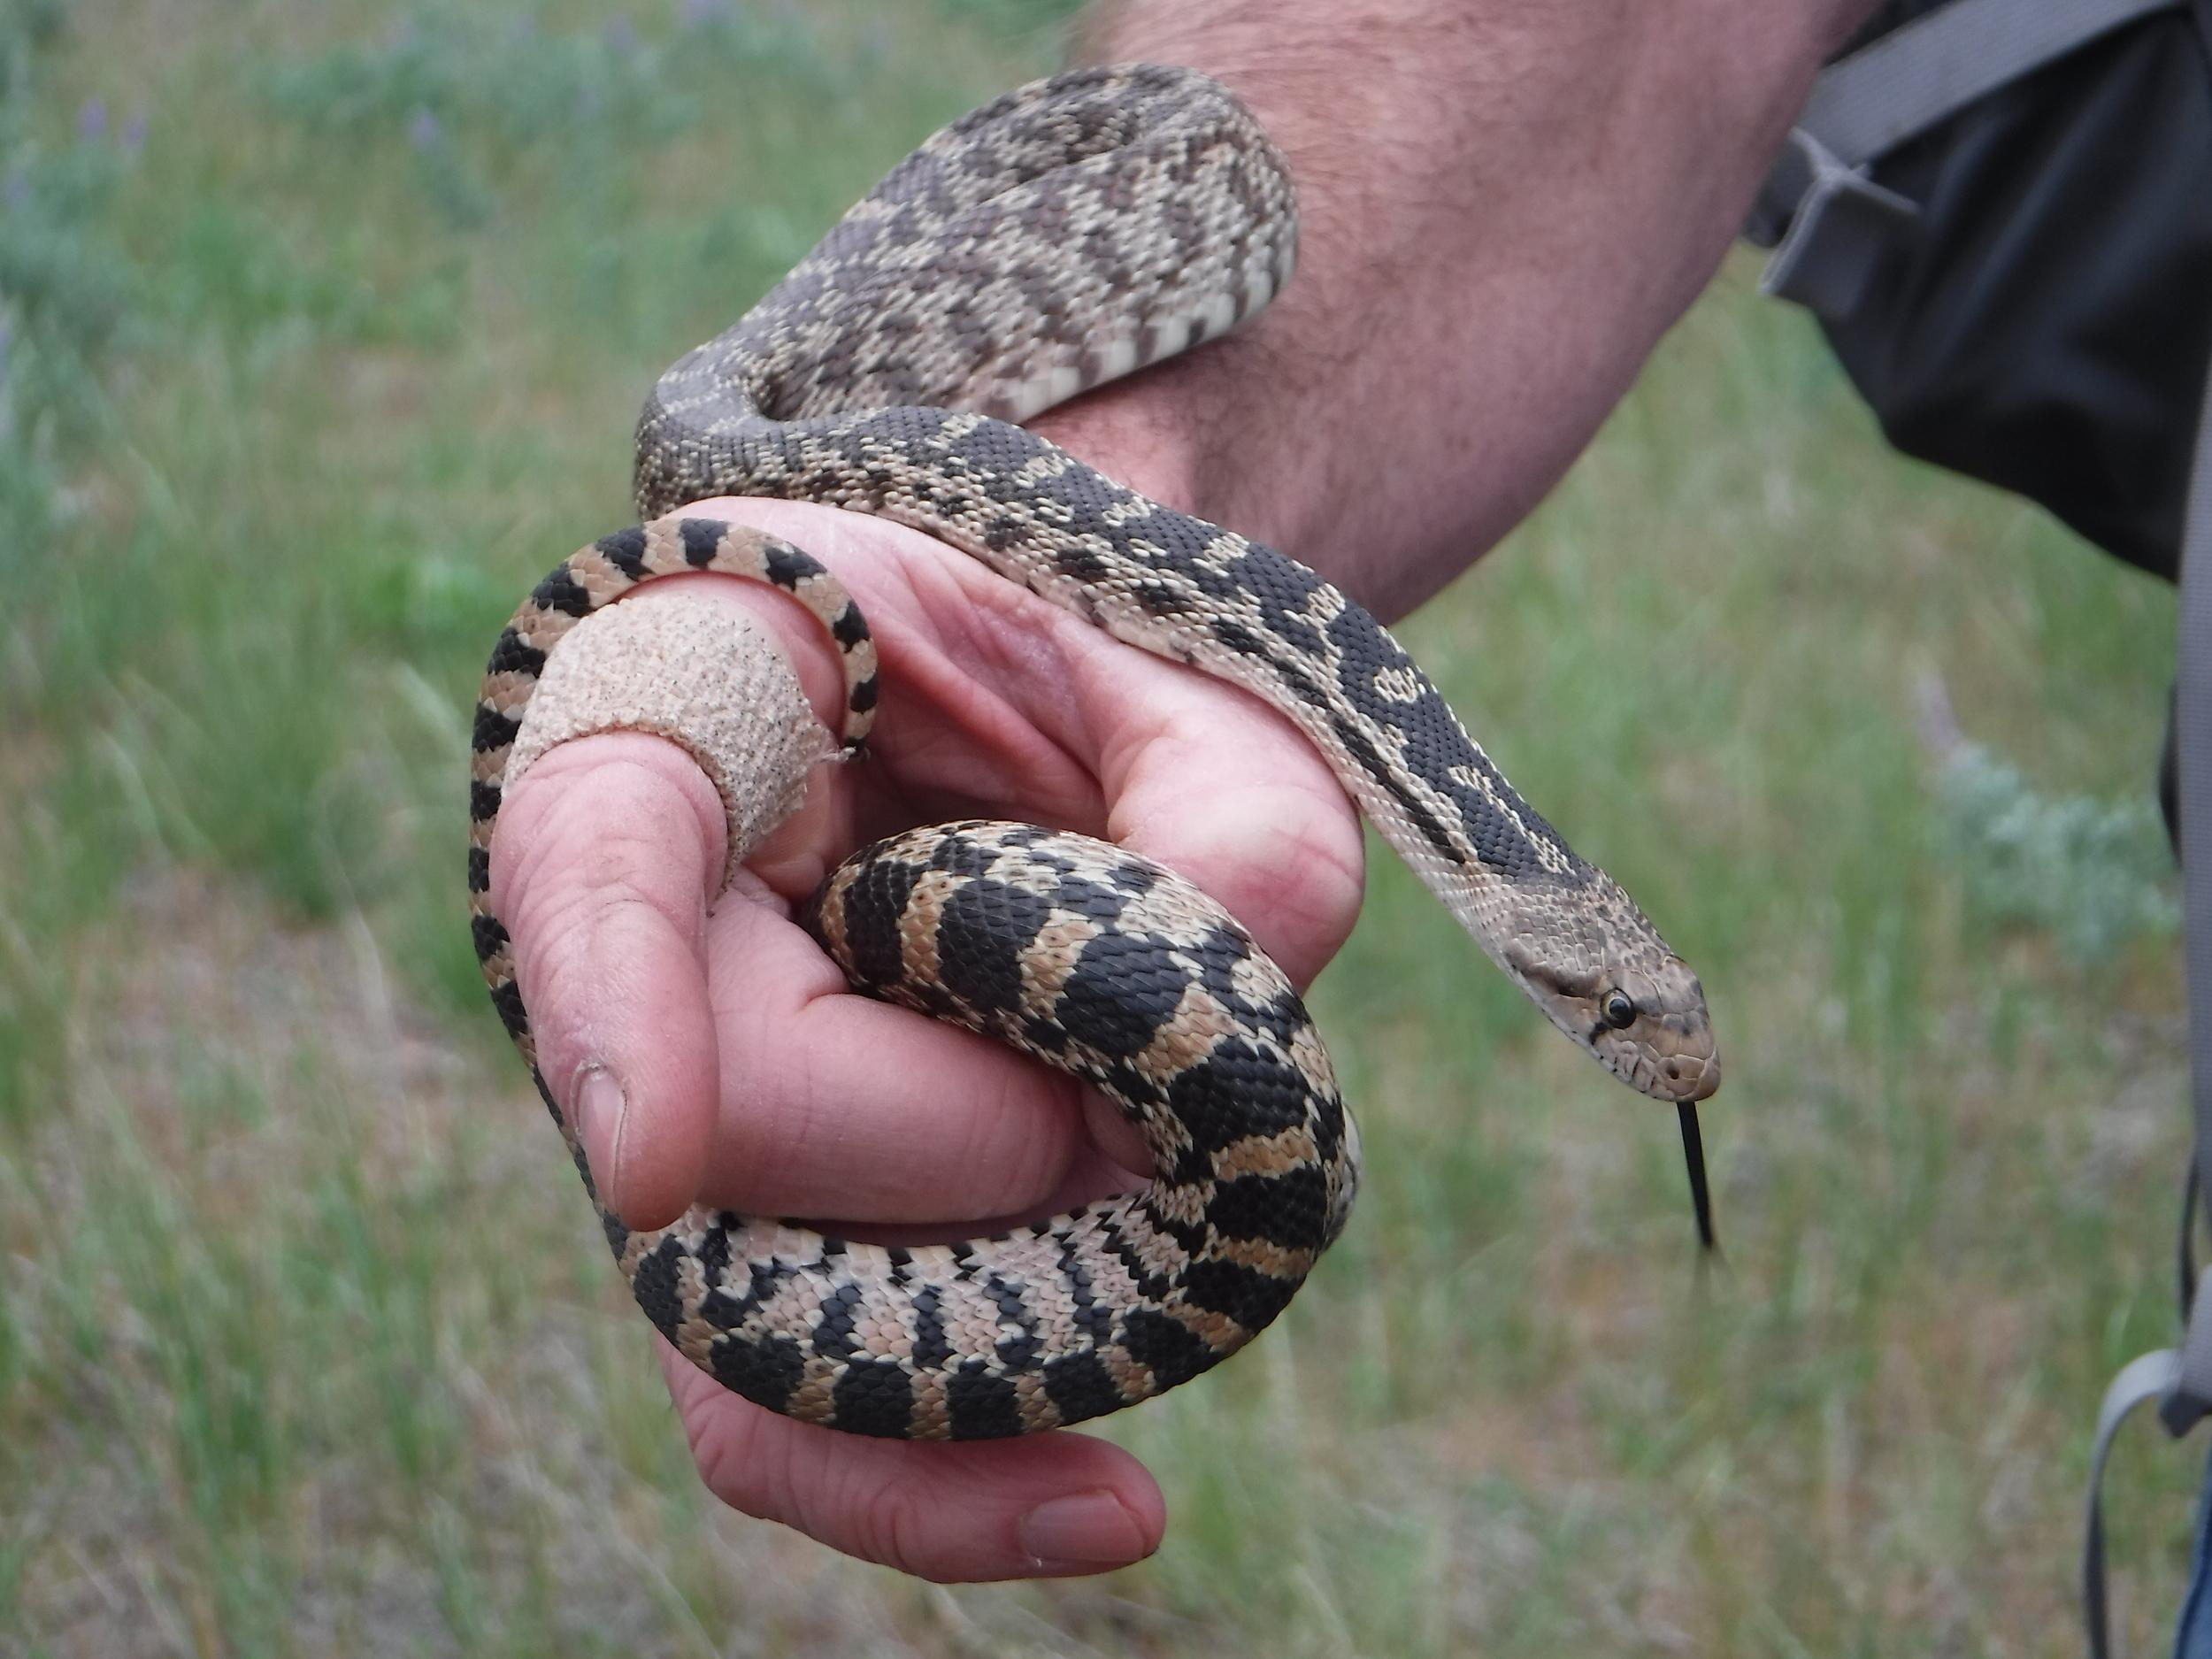 Gopher snake.